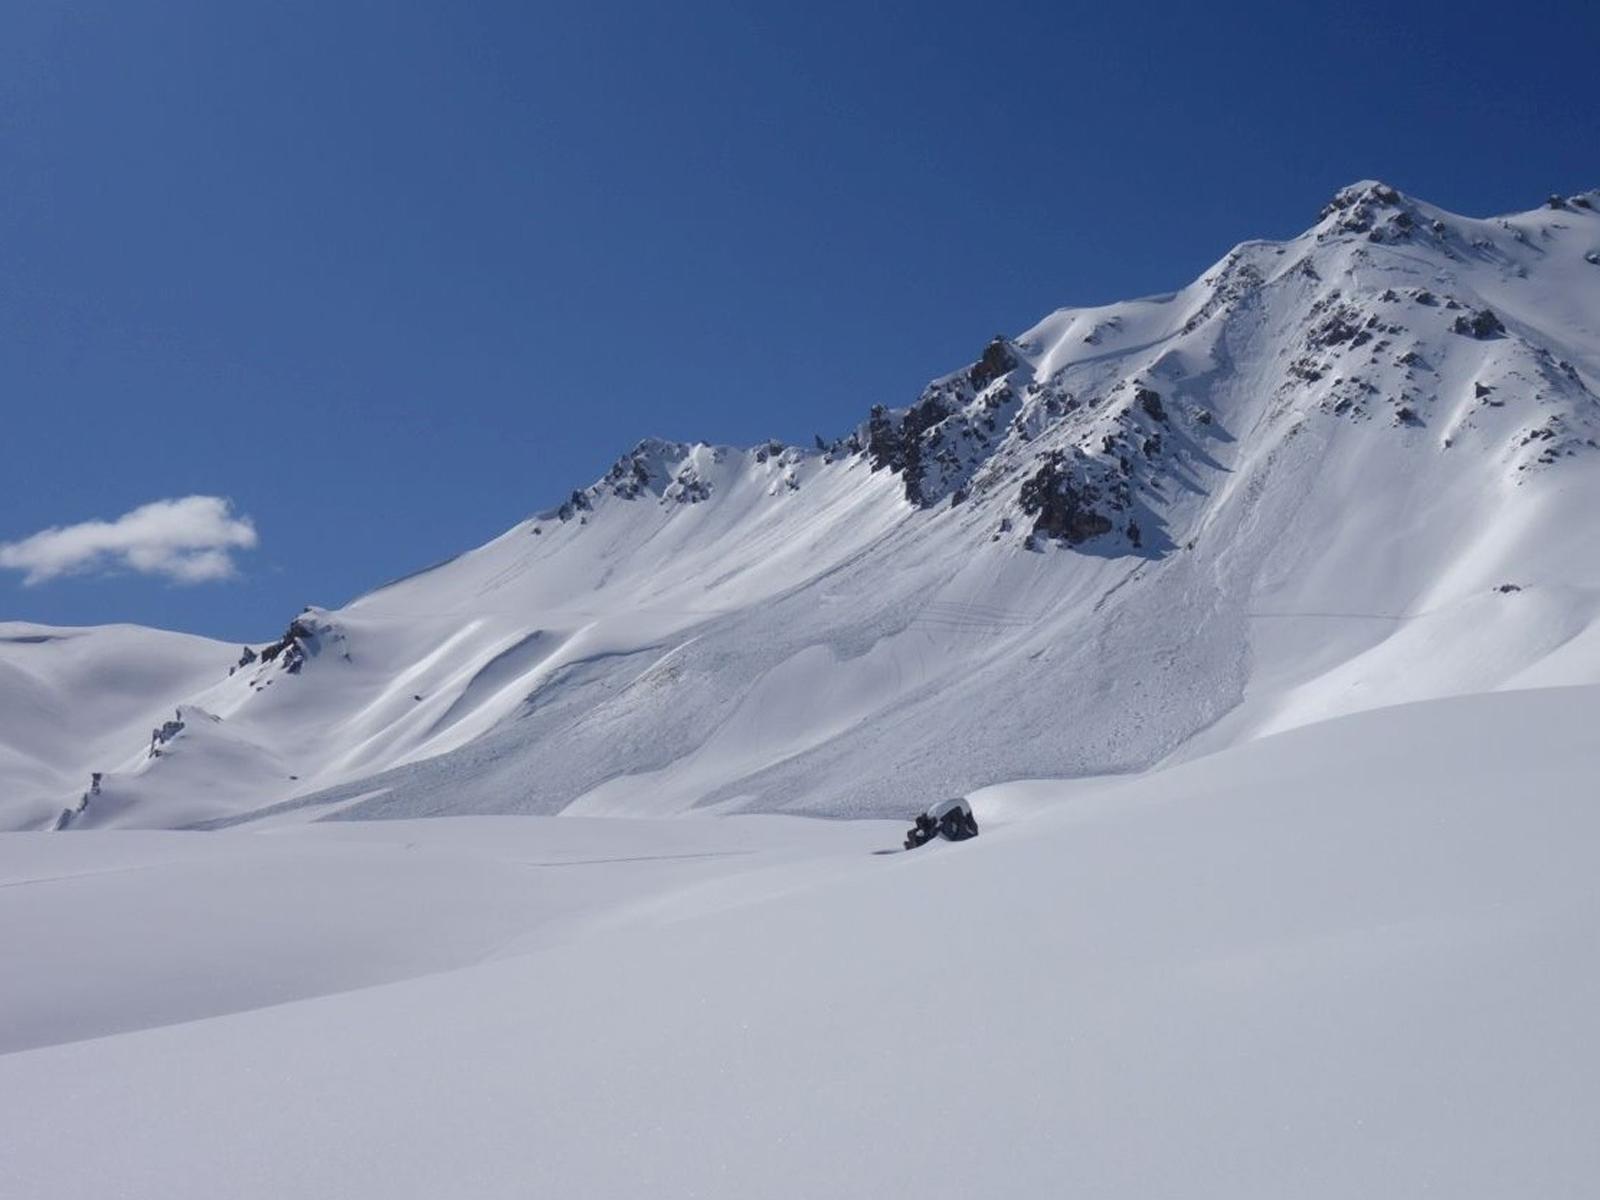 Auslösung einer Lawine im Altschnee an der Ostseite des Chrachenhorns auf 2.891 m (Davos, GR). Foto: J. Schwarz/18.03.2020